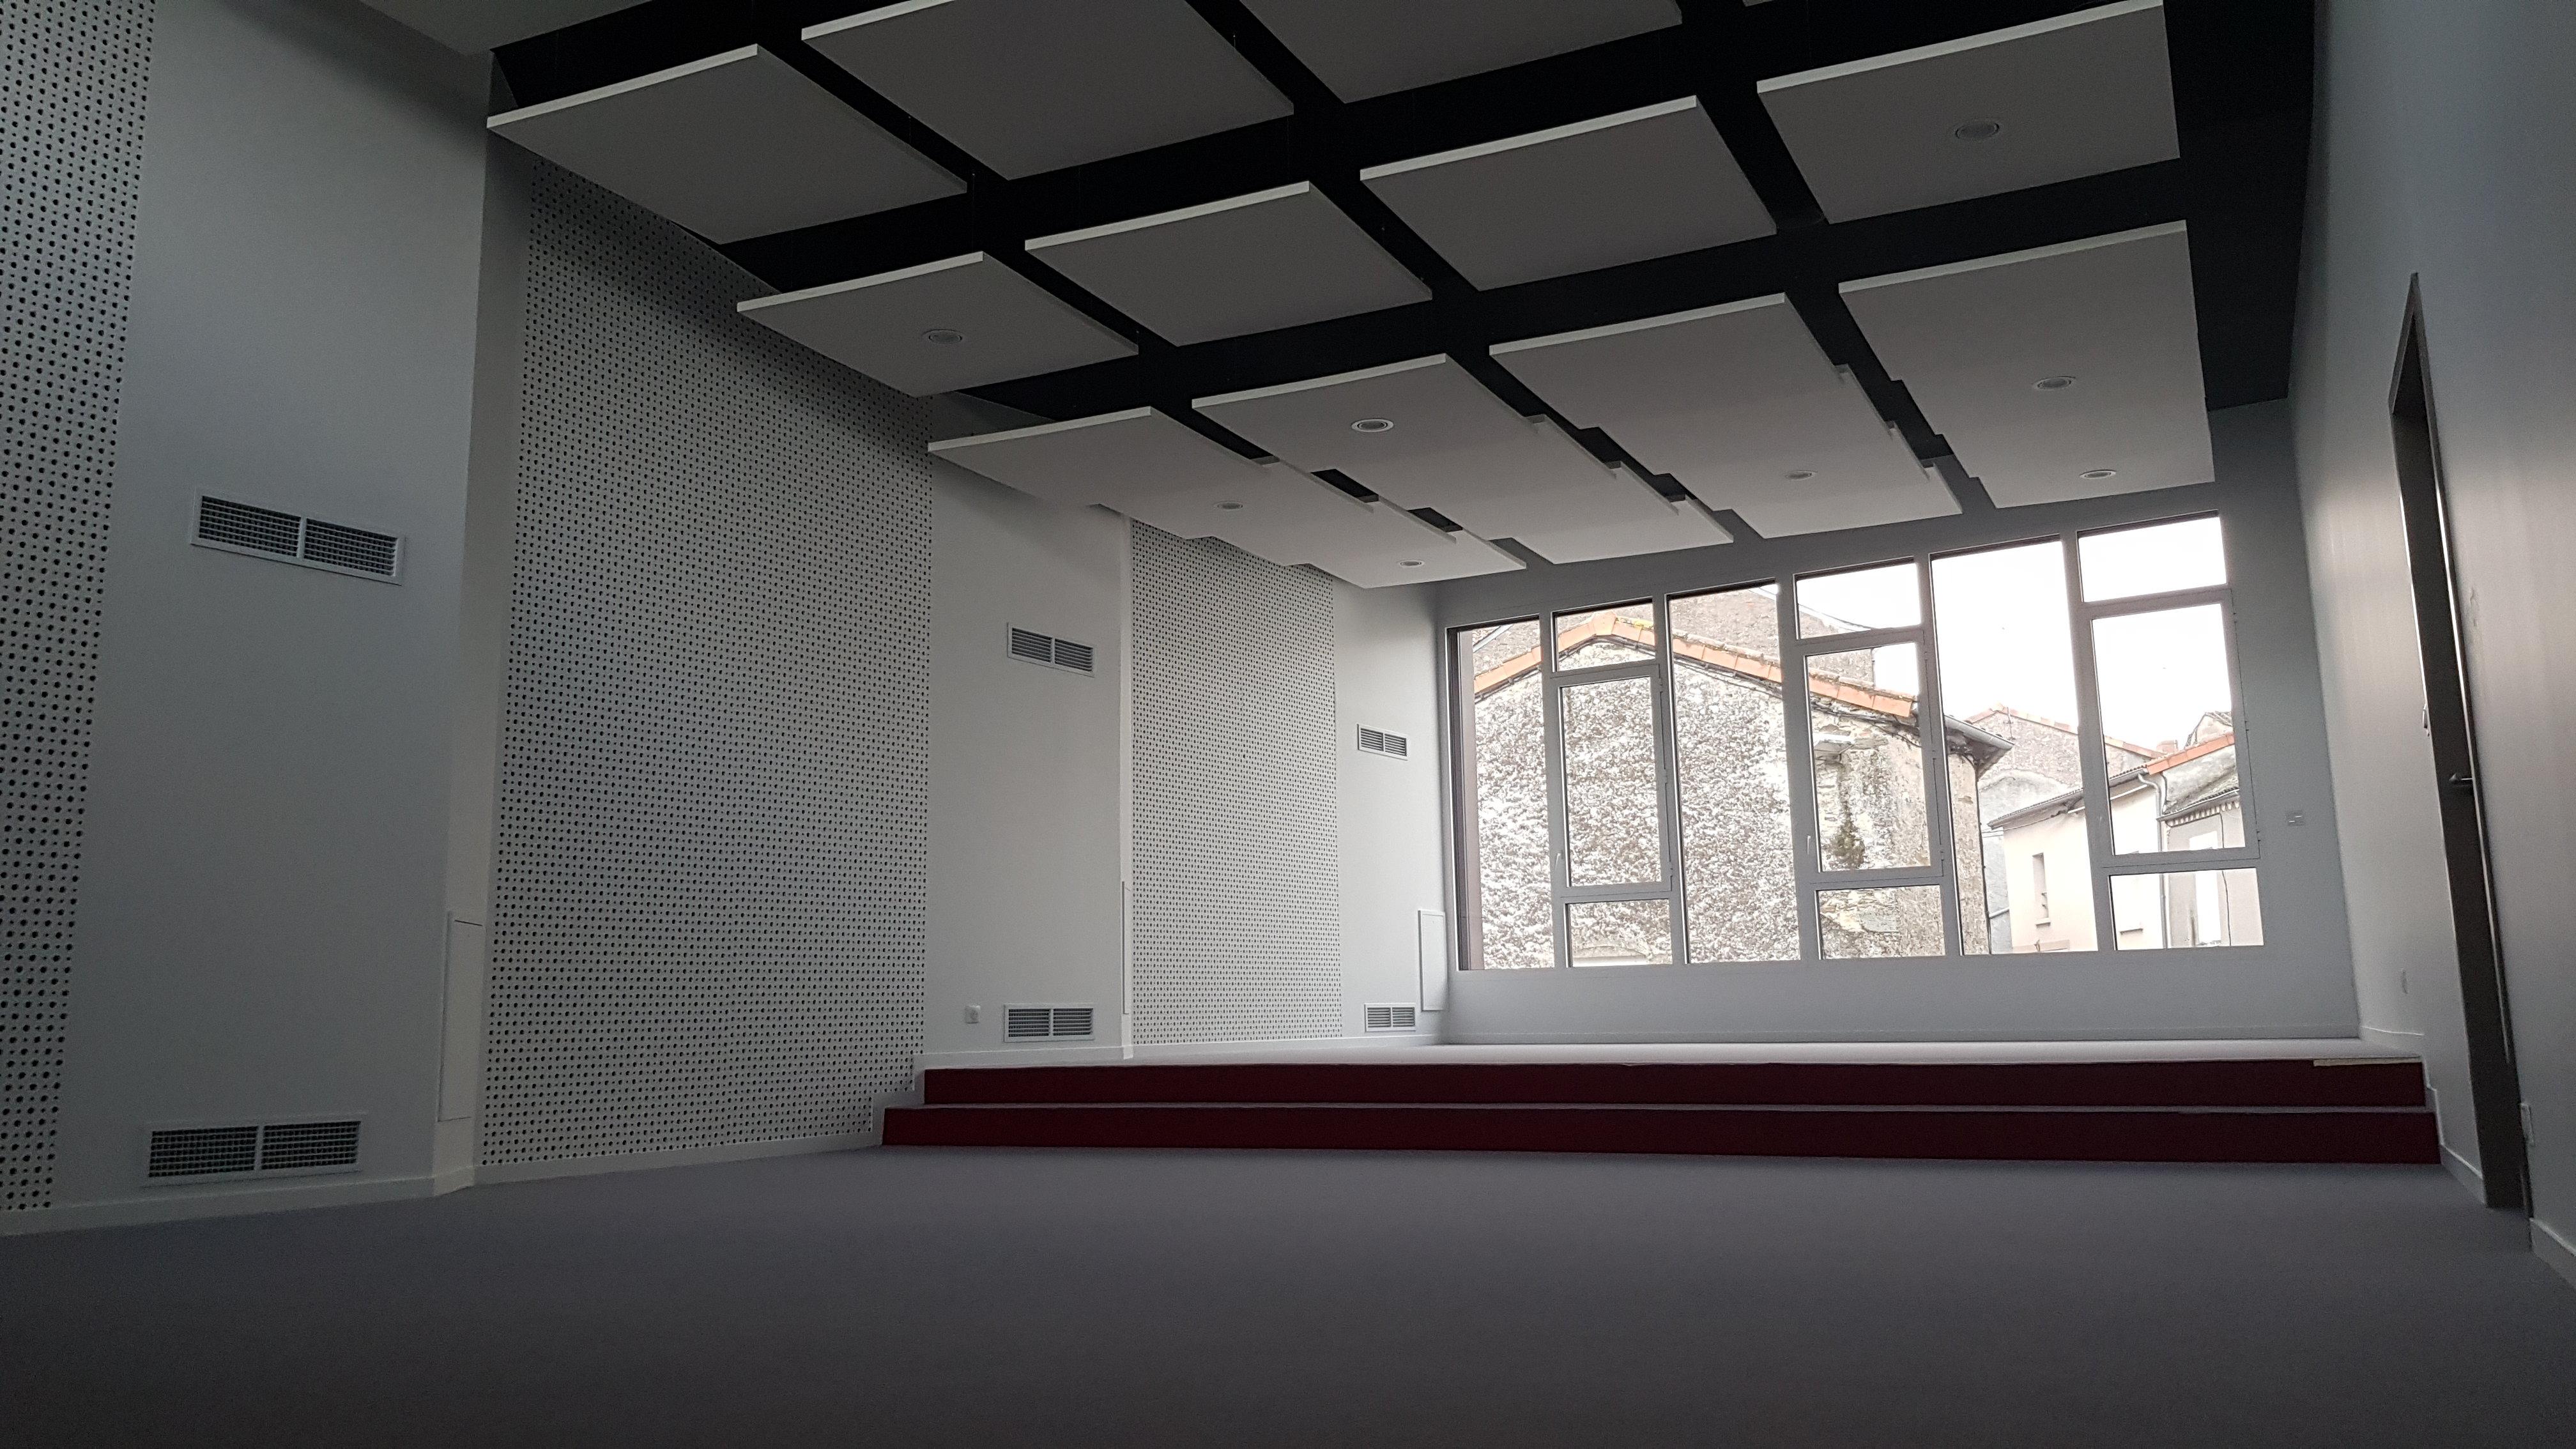 Acoba Assistance maîtrise d'ouvrage : Avancée des travaux du Centre culturel Lys-Haut-Layon - 2